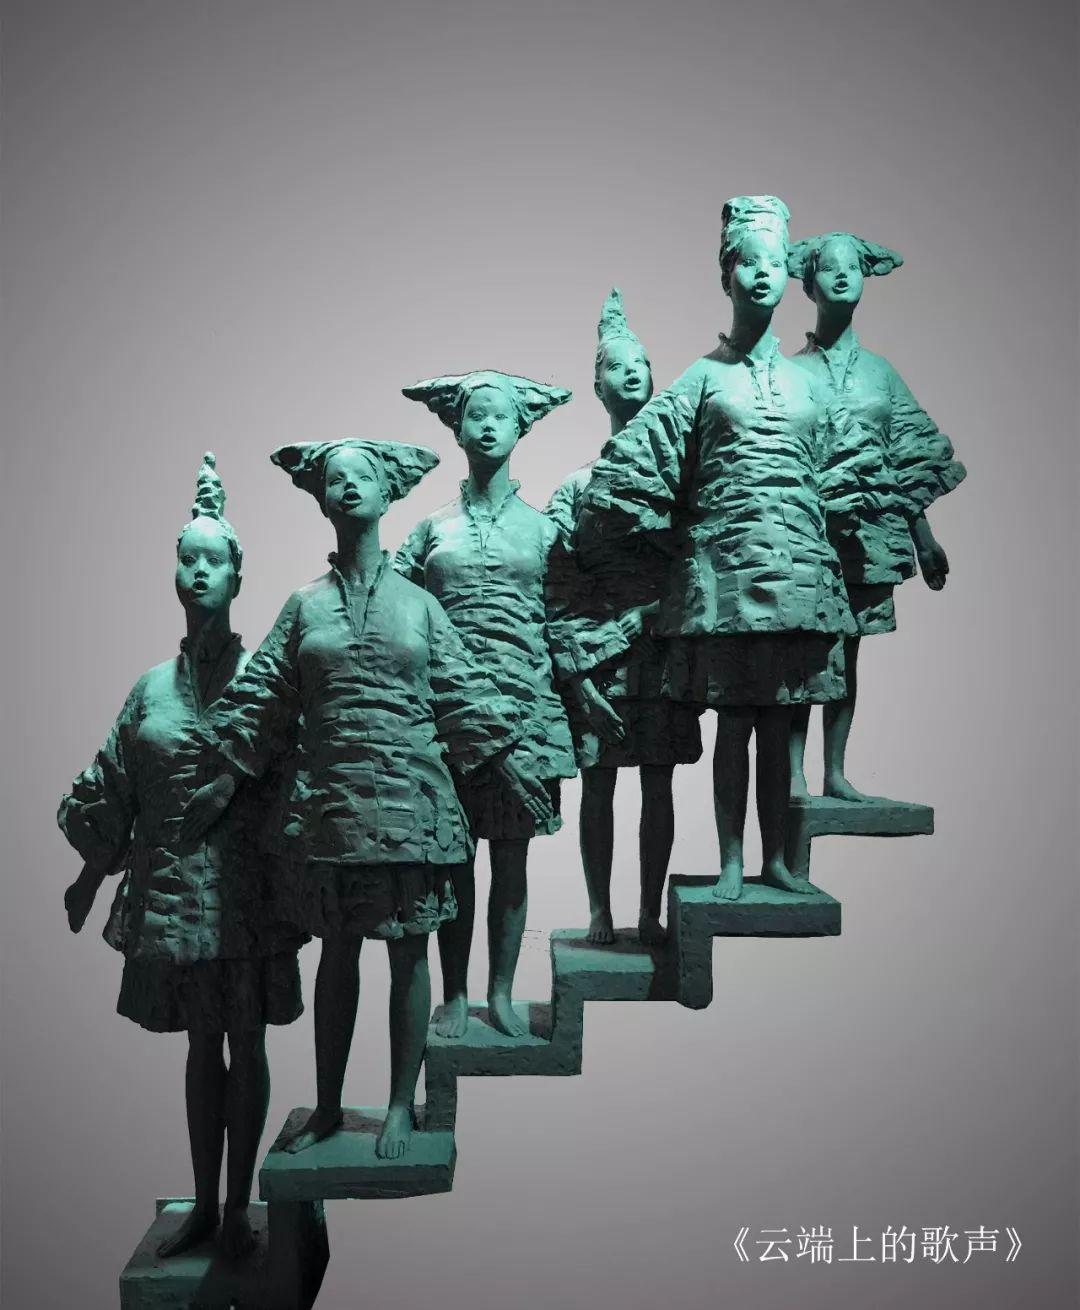 第十三届全国美展·雕塑作品展插图189